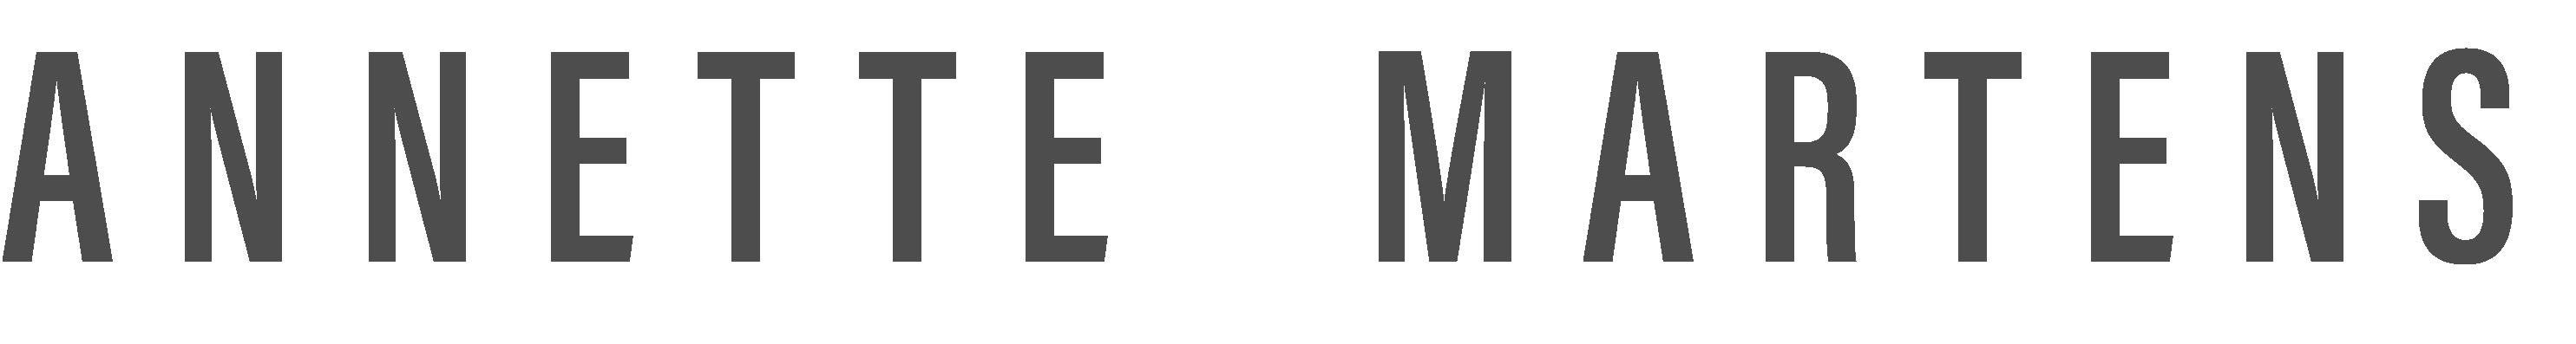 Logo for Annette Martens